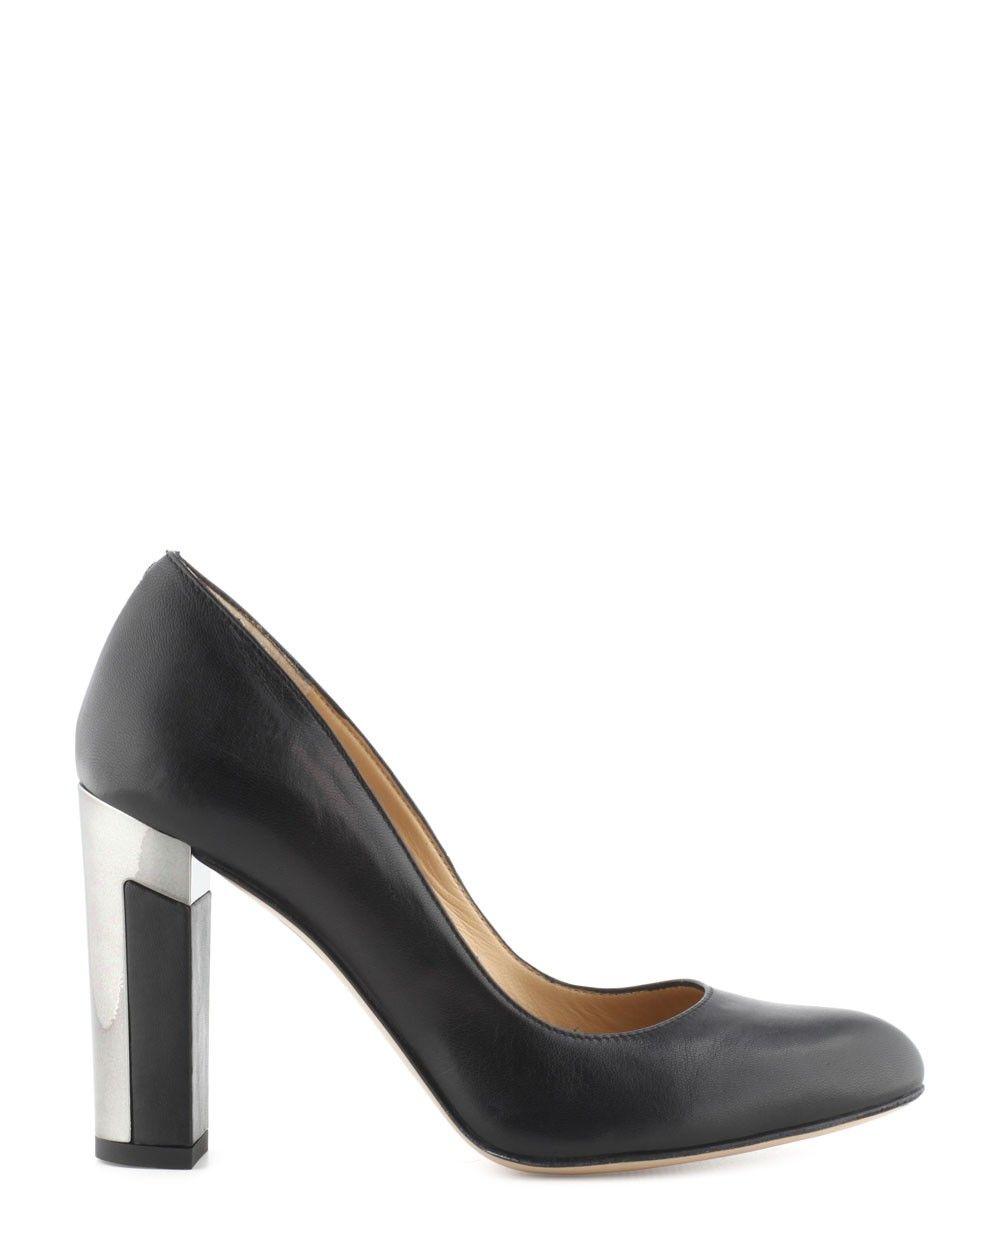 Escarpin - Egraph   SOLDES   Chaussure, Chaussures Femme et Escarpin ... 93726264799